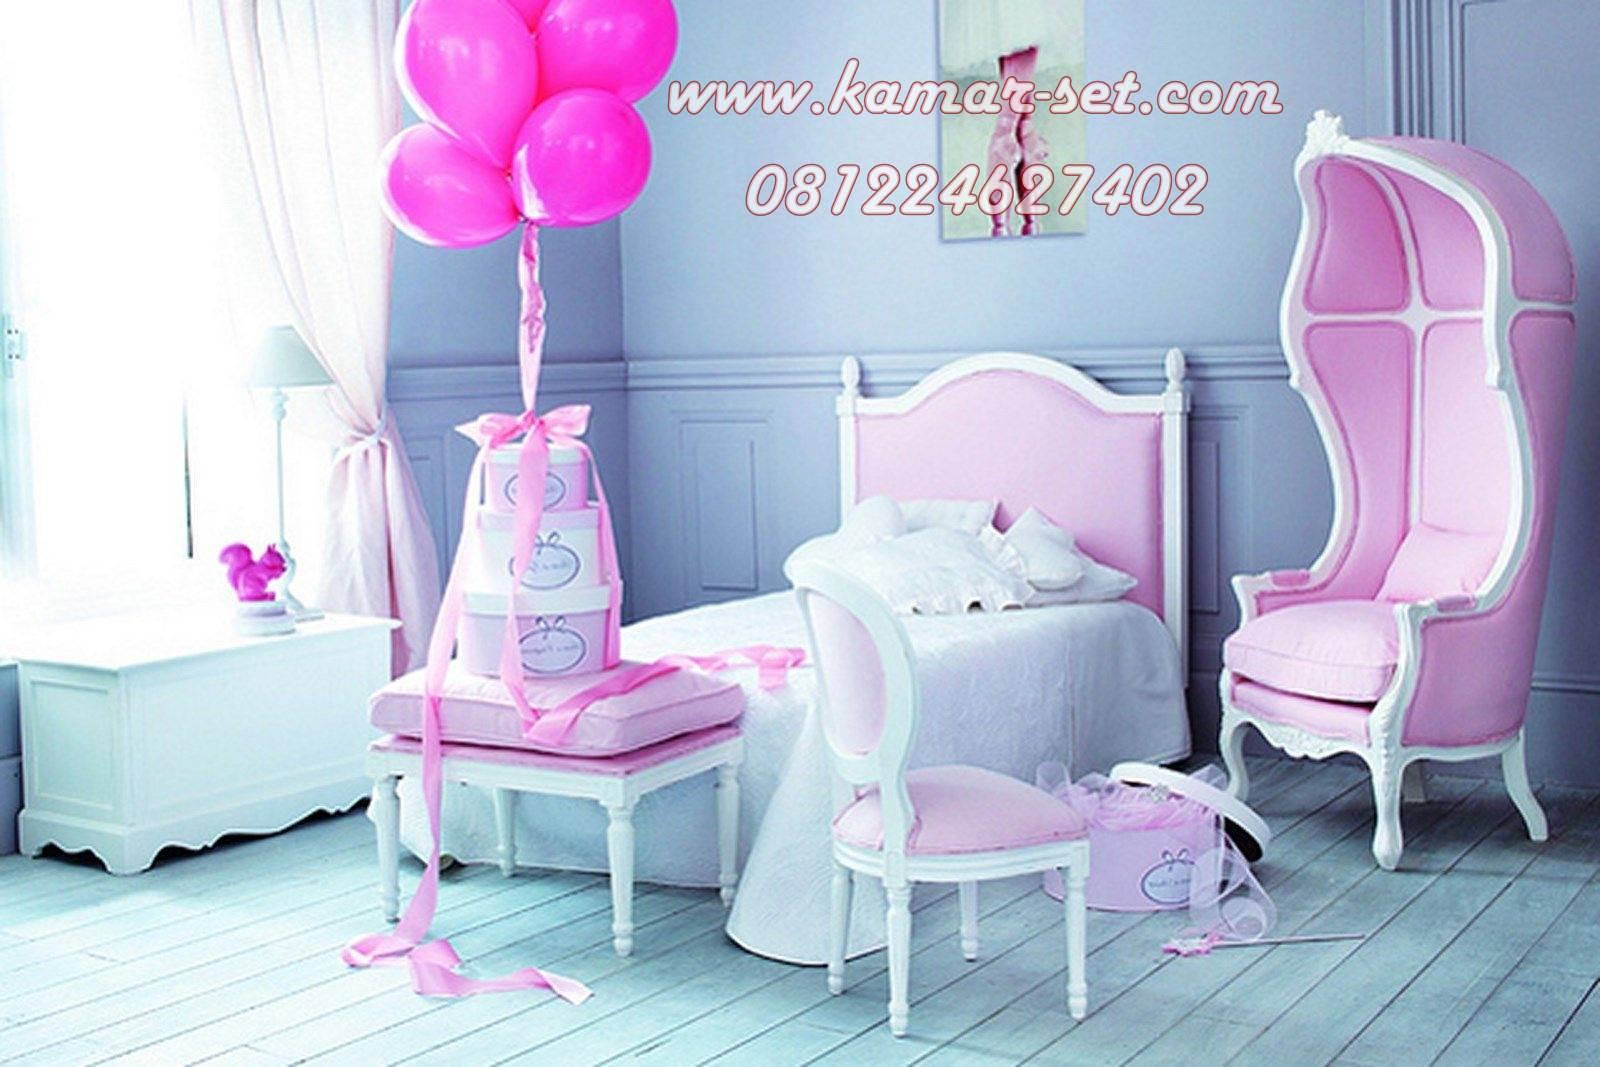 desain kamar tidur anak pink single ranjang perempuan